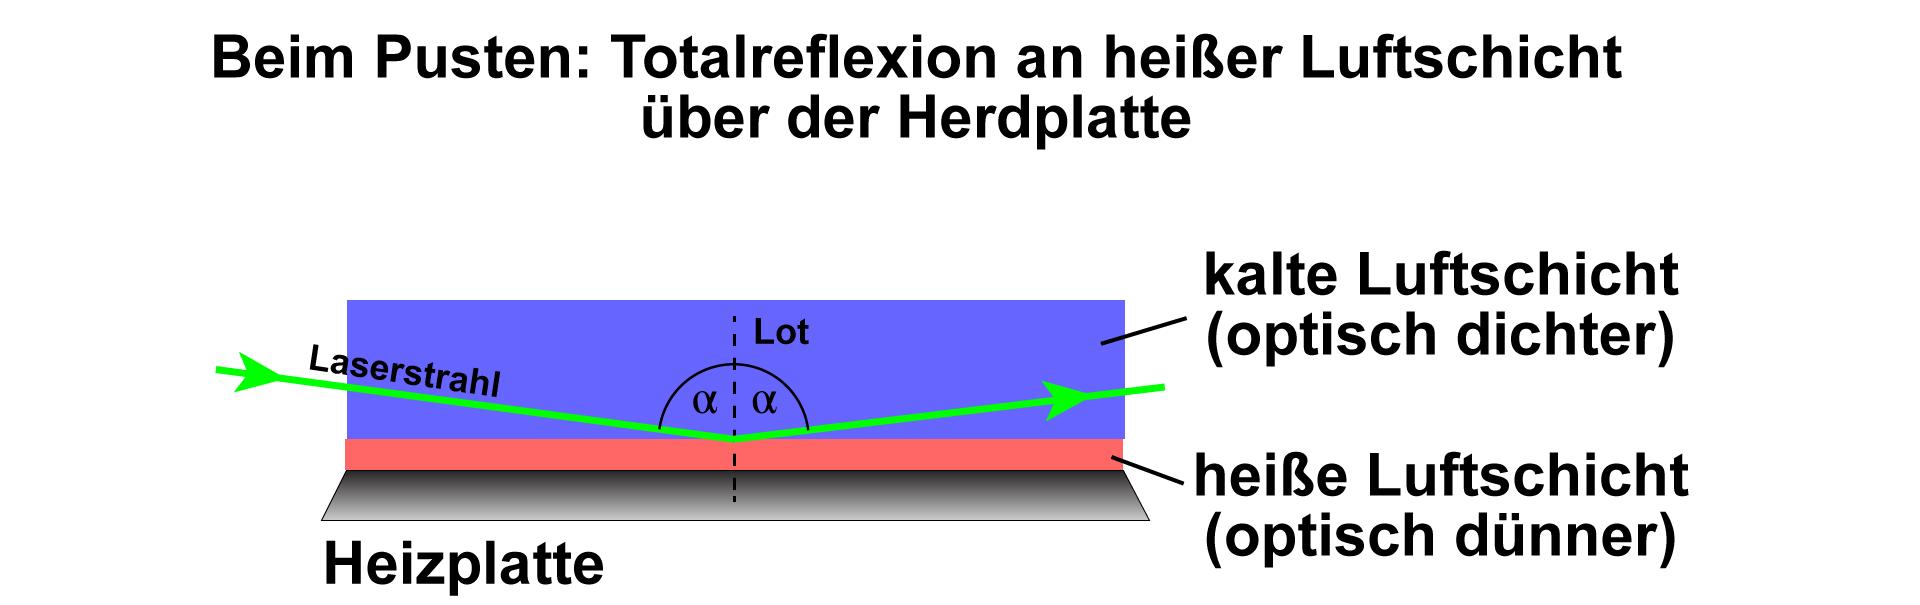 Totalreflexion an der heißen Luftschicht über der Herdplatte